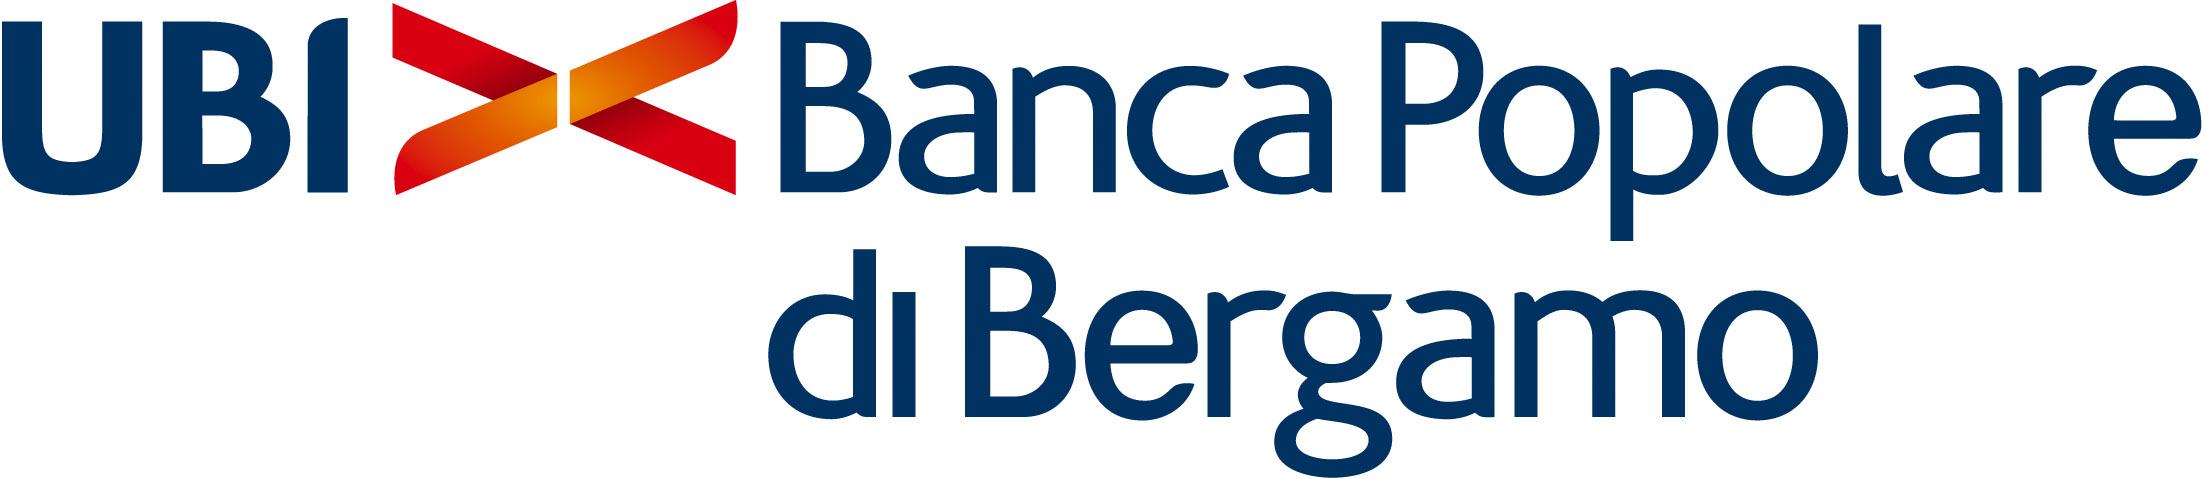 Banca Pololare di Bergamo Logo photo - 1